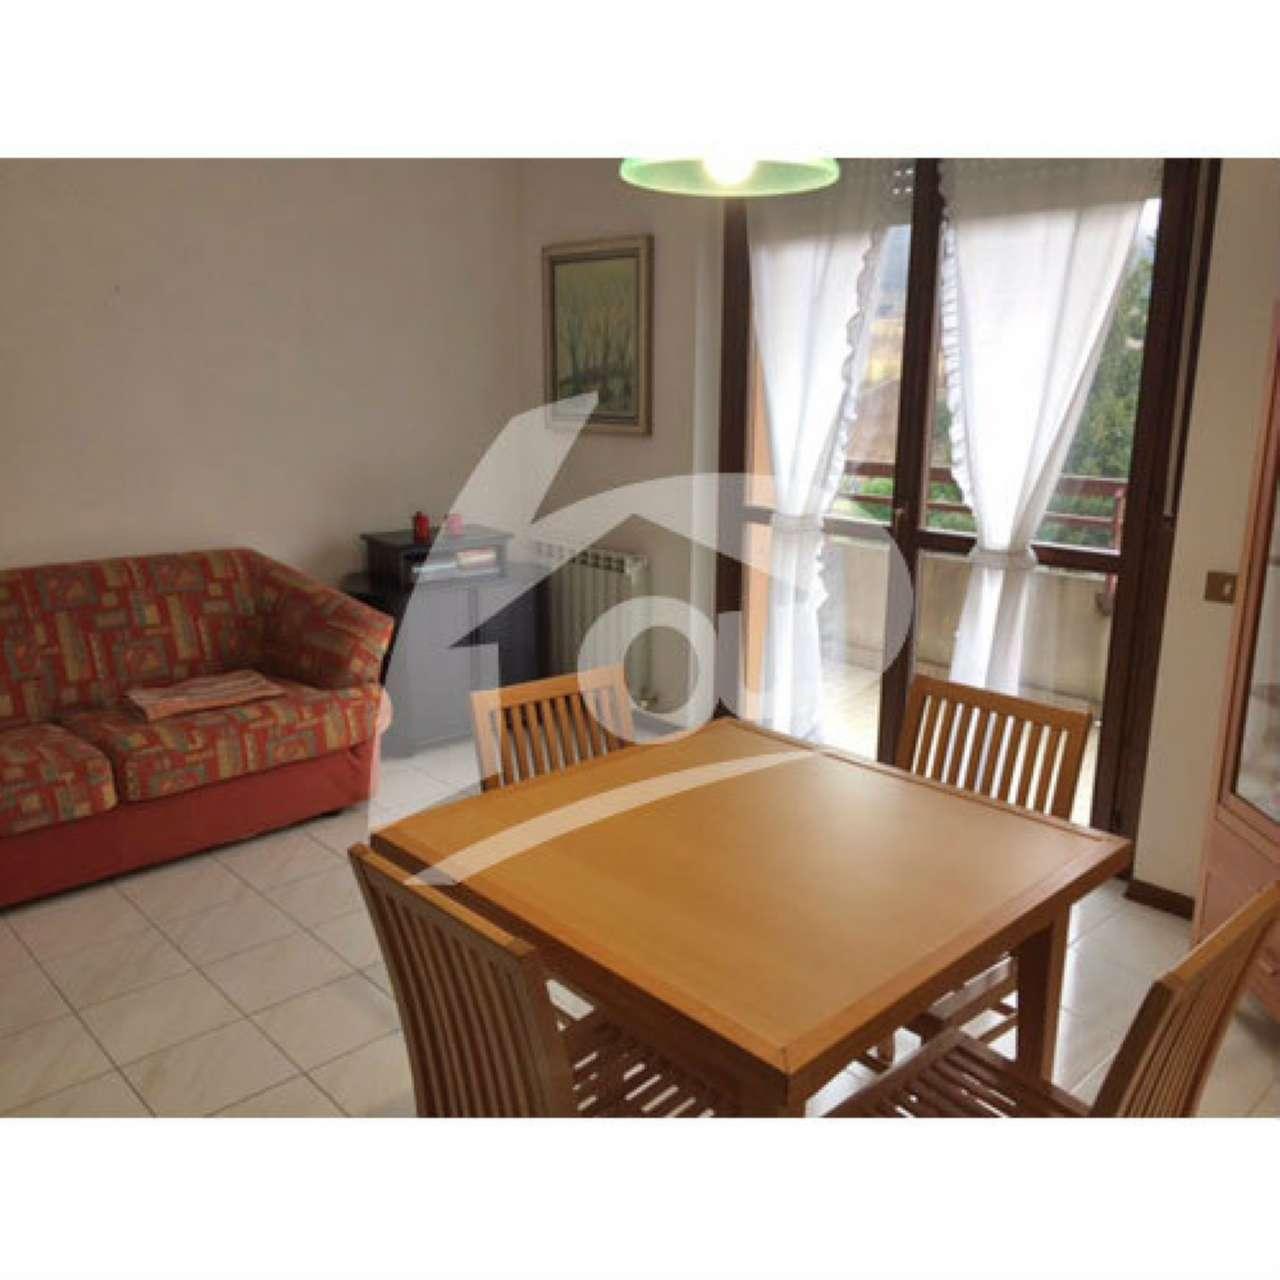 Appartamento in affitto a Cittiglio, 2 locali, prezzo € 450 | CambioCasa.it